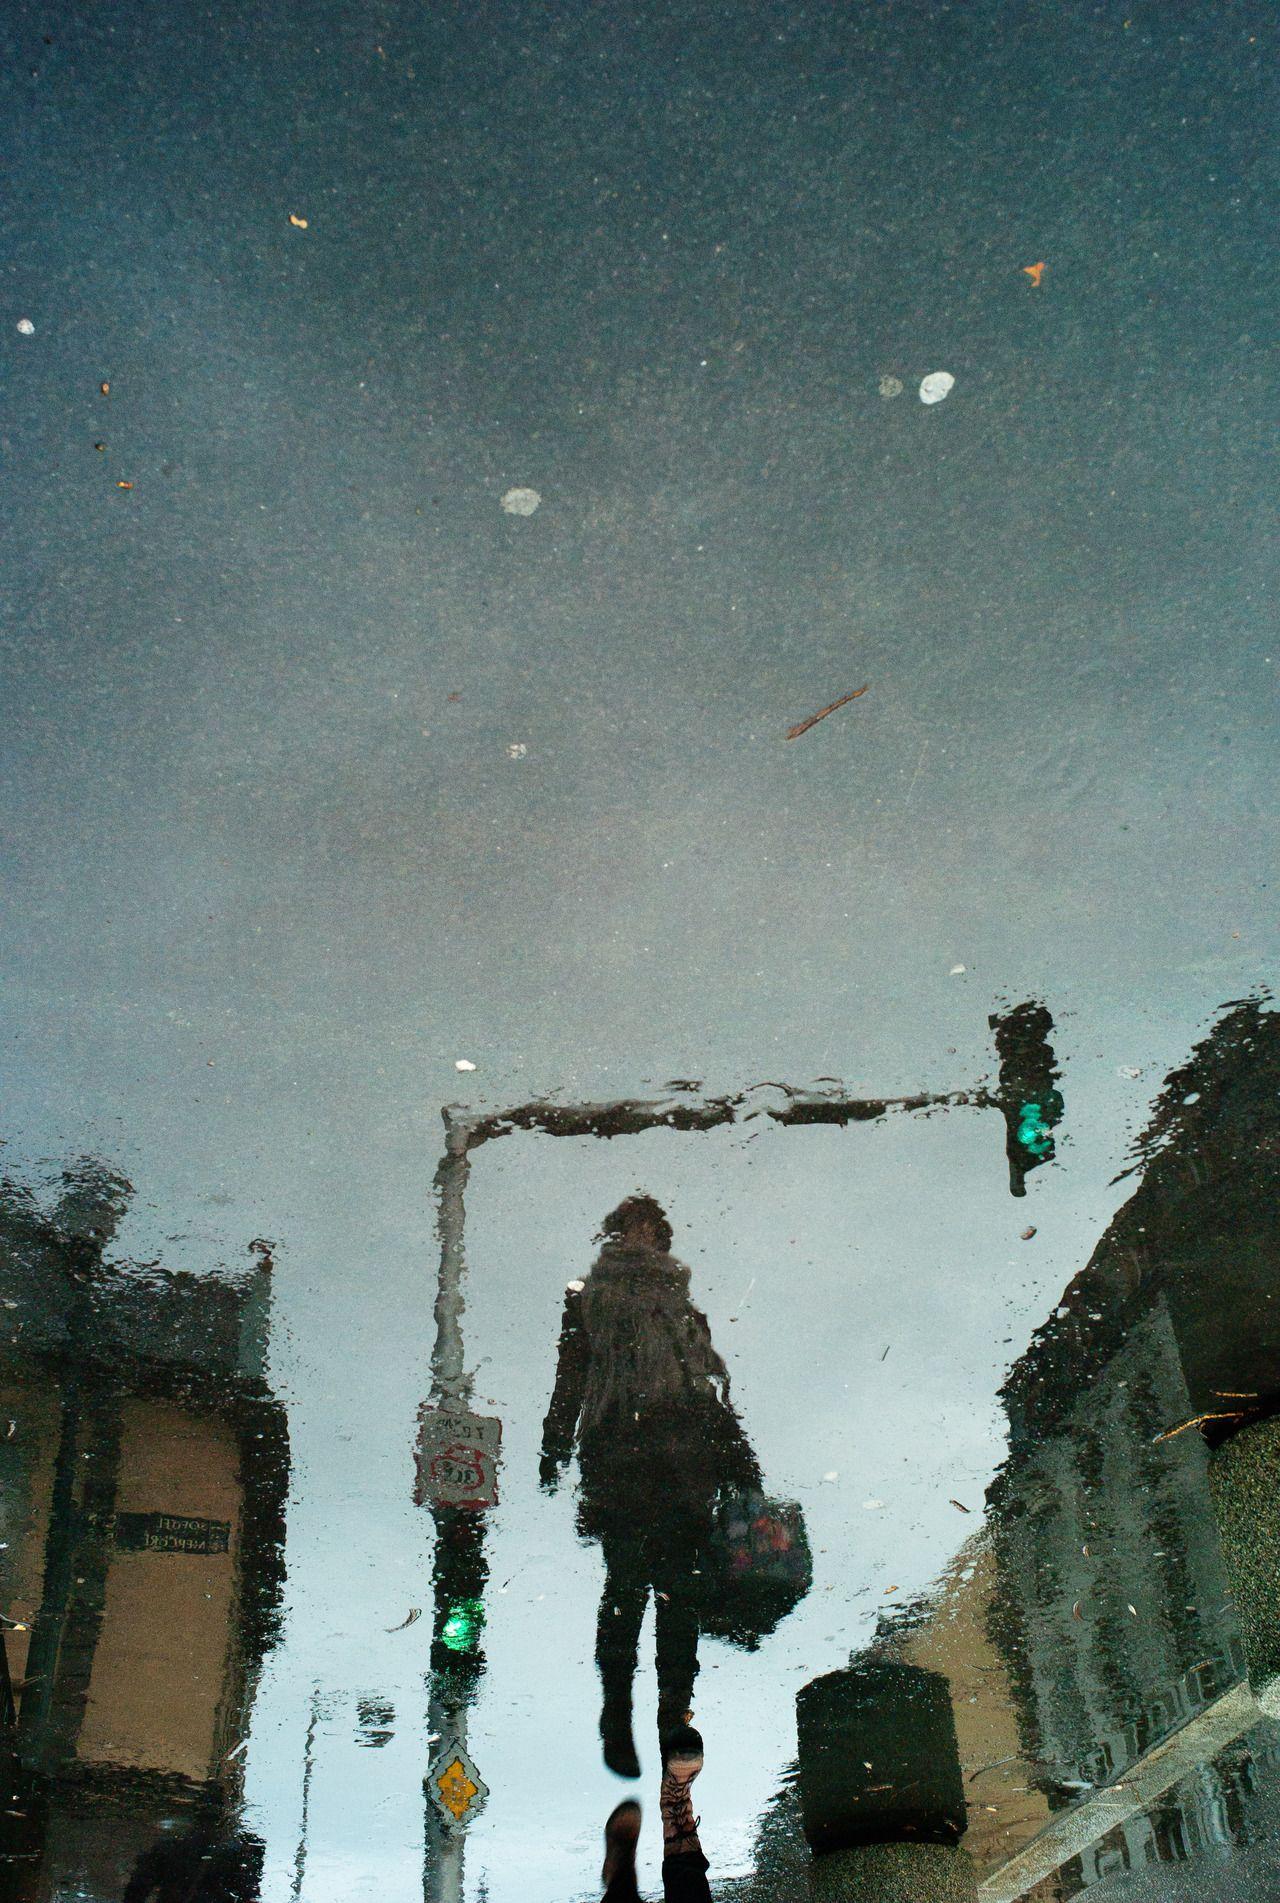 photography rain reflection street photography Umbrellas leica ... for Umbrella Photography Tumblr  55nar